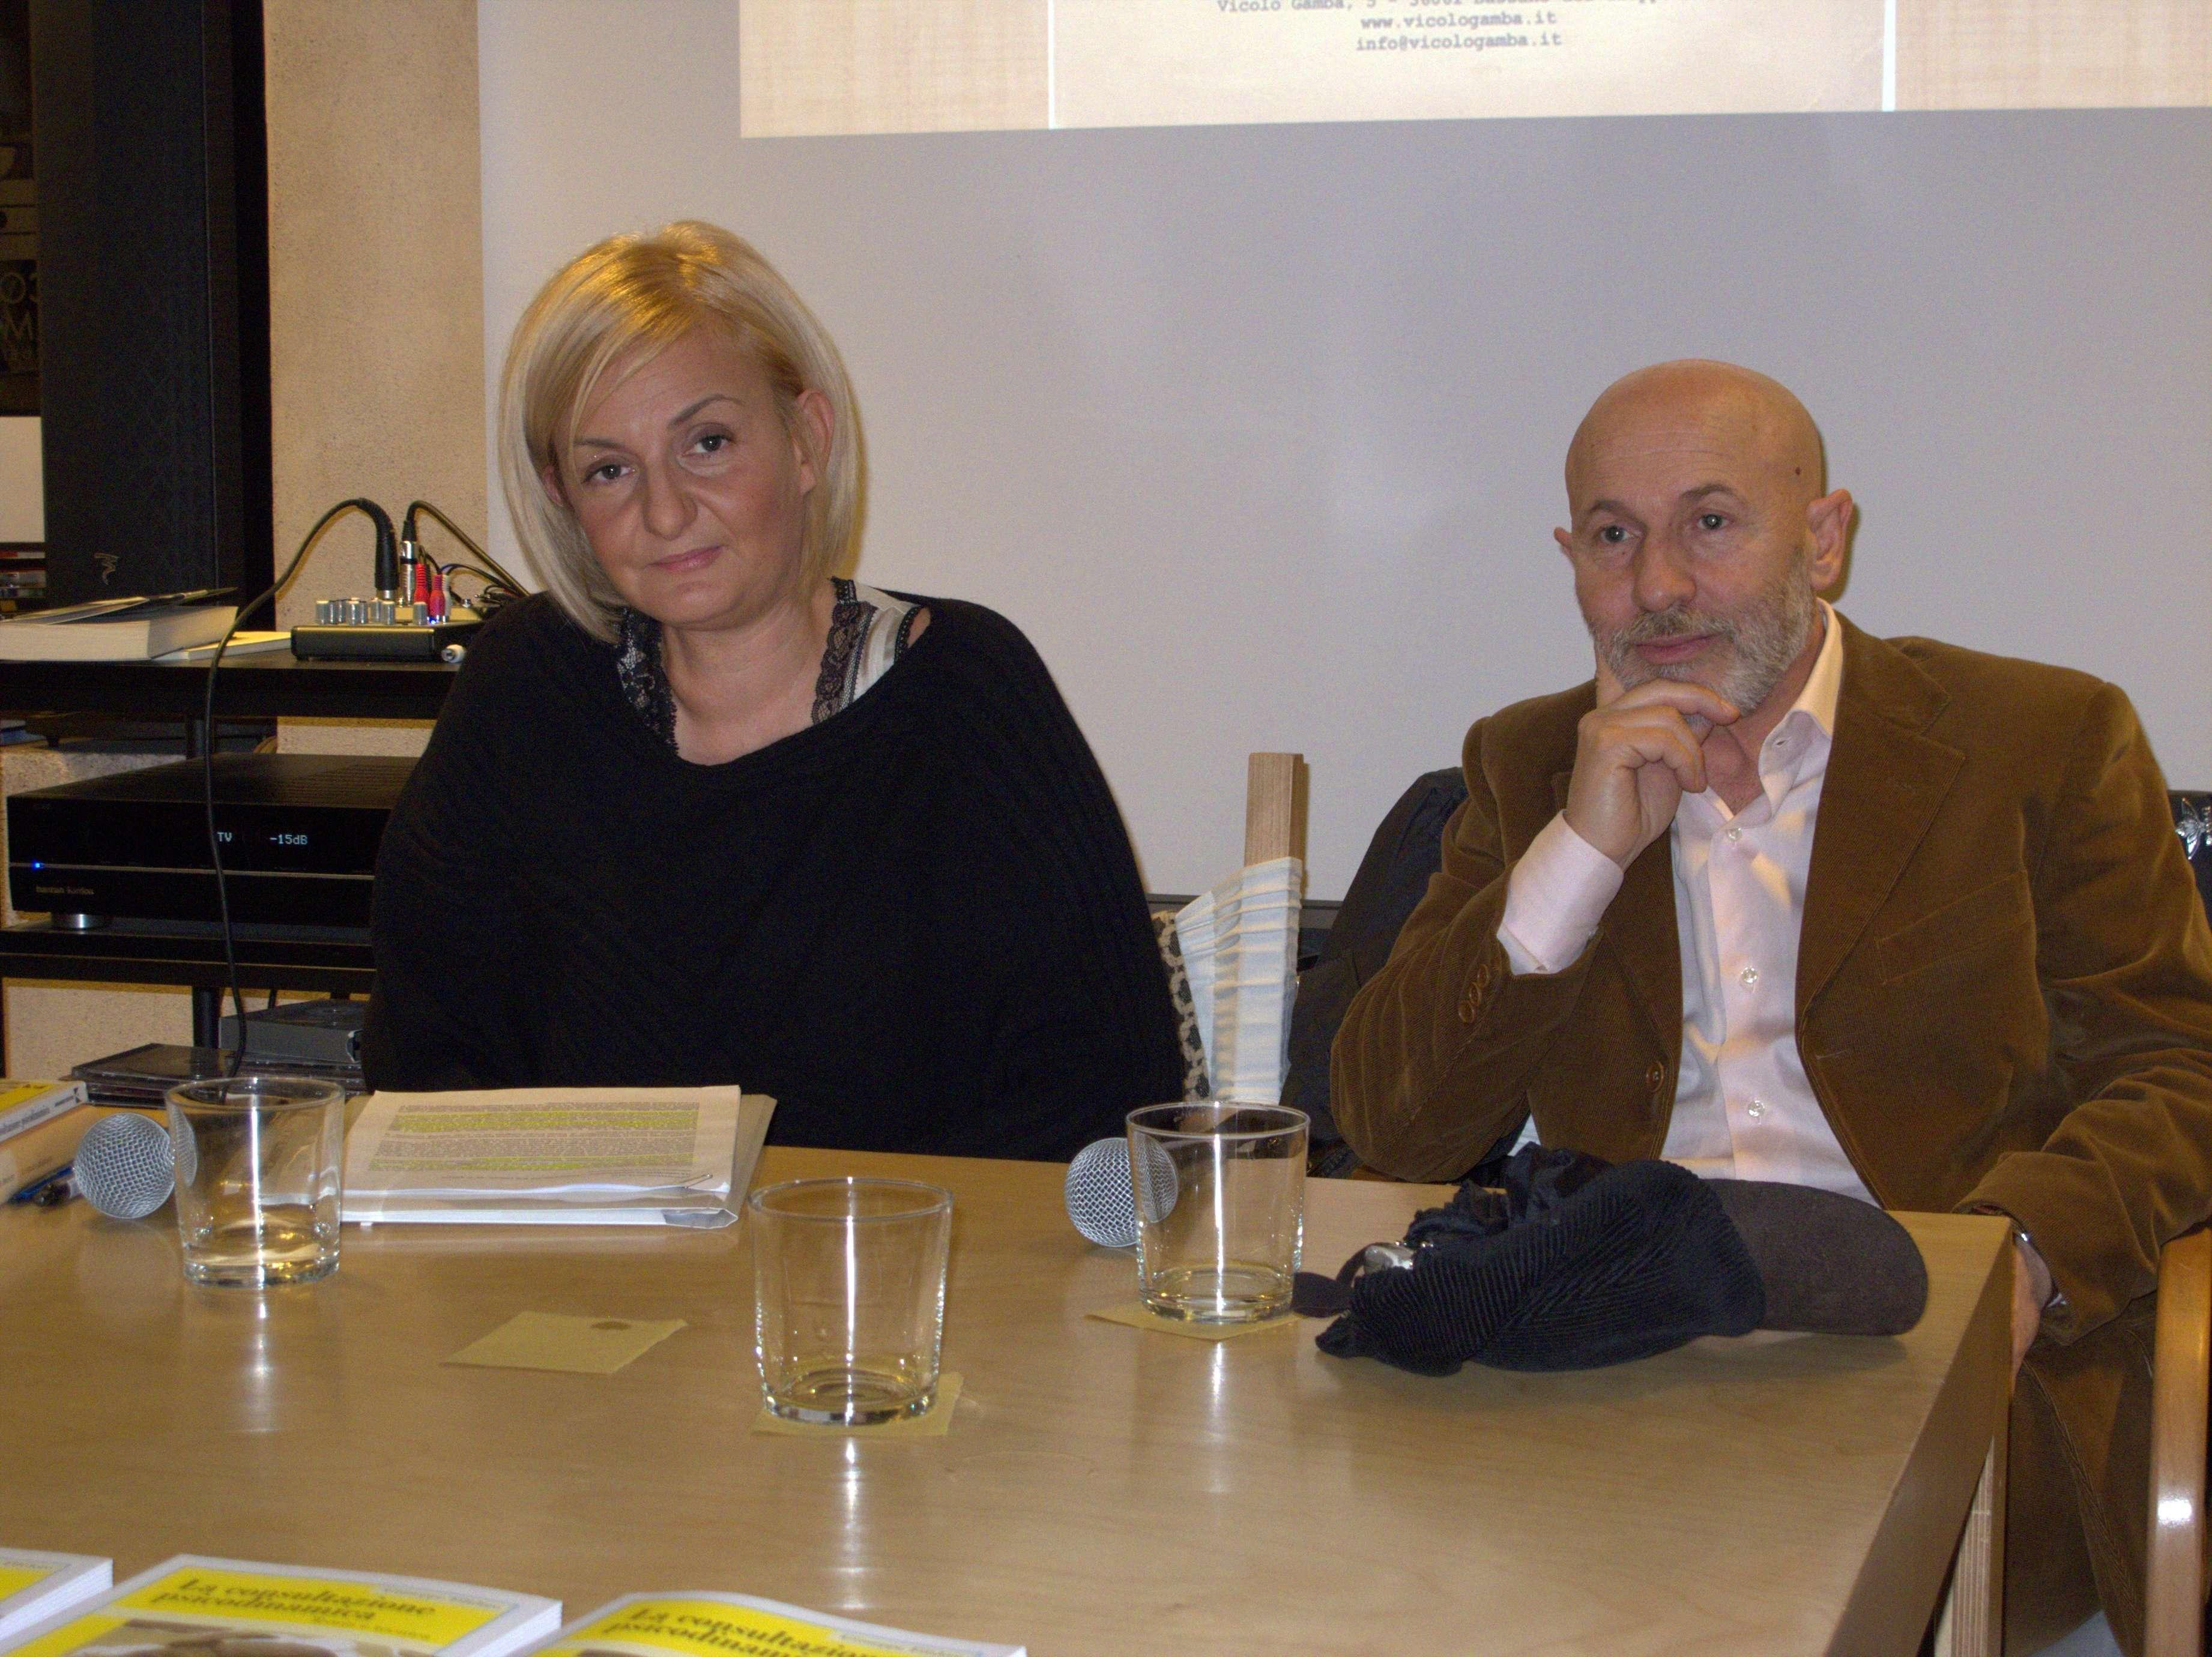 Dott. Giuseppe Filidoro e Dott.ssa Sabina Scattola alla presentazione del libro LA CONSILTAZIONE PSICODINAMICA